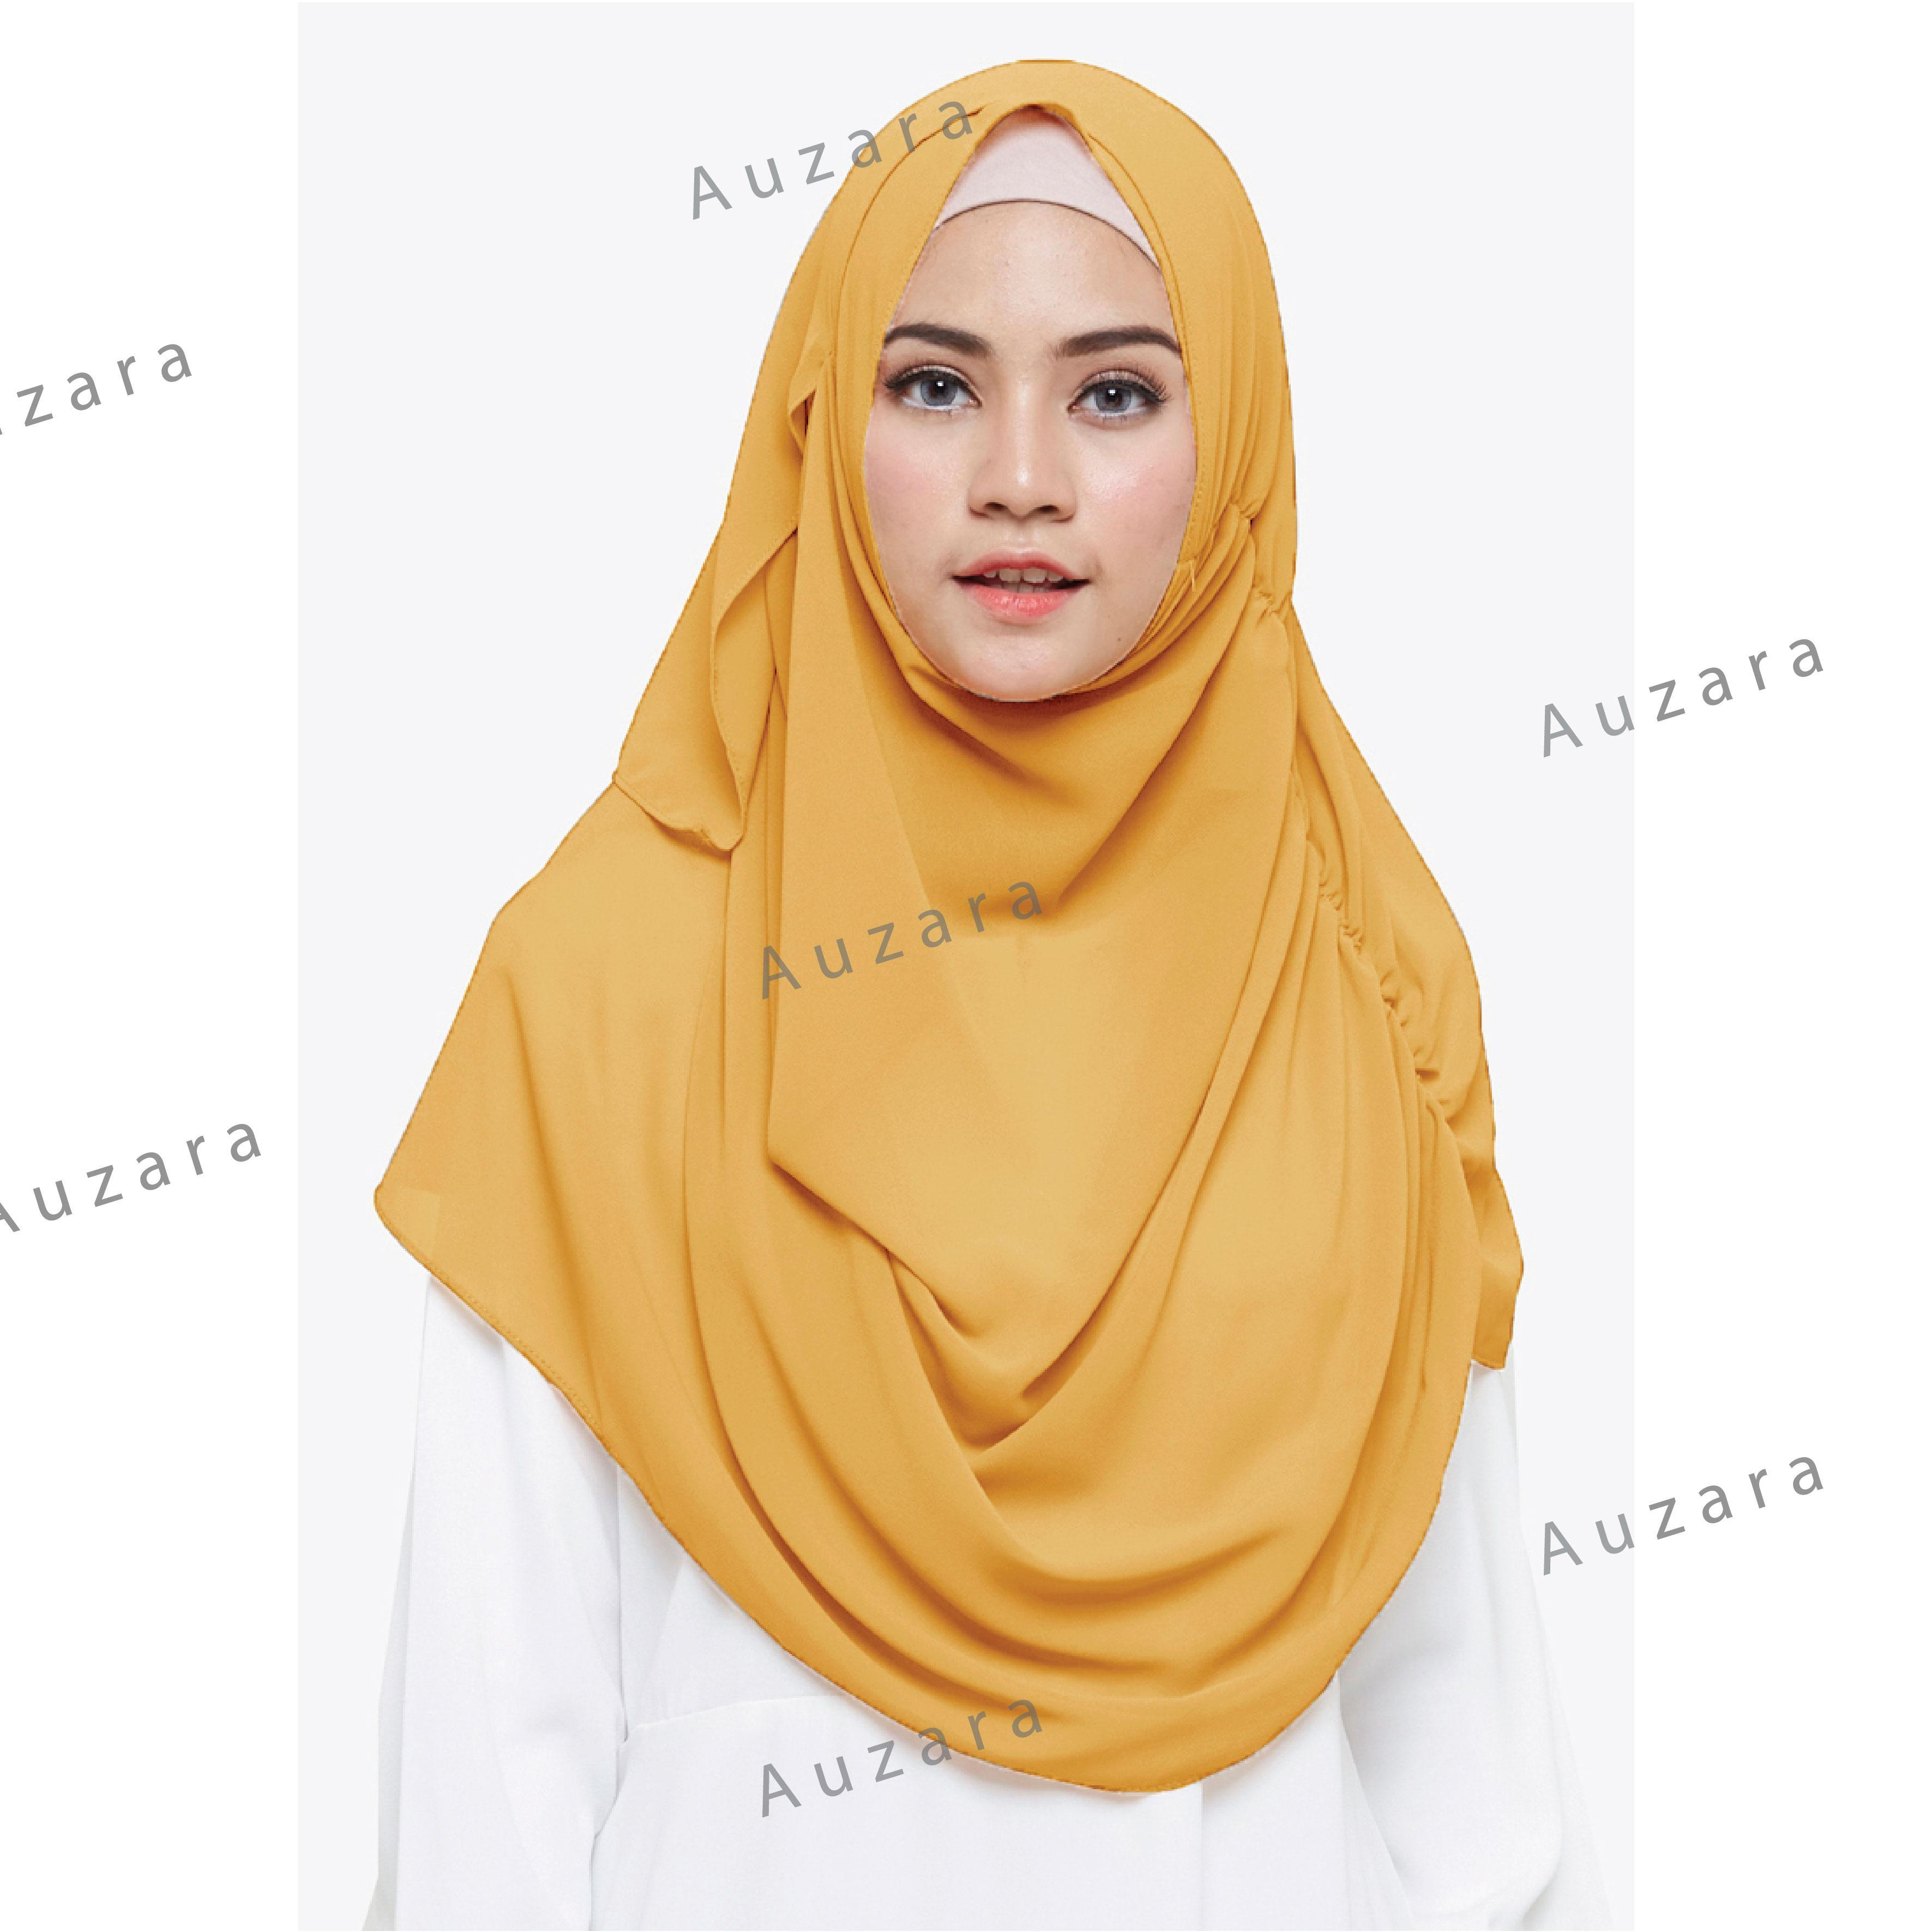 Nurjanah Hijab Termurah Jilbab Instan Instant Terlaris -Pashmina instan / Hijab Pastan / Kerudung Murah / Pashmina Scraf Shawl